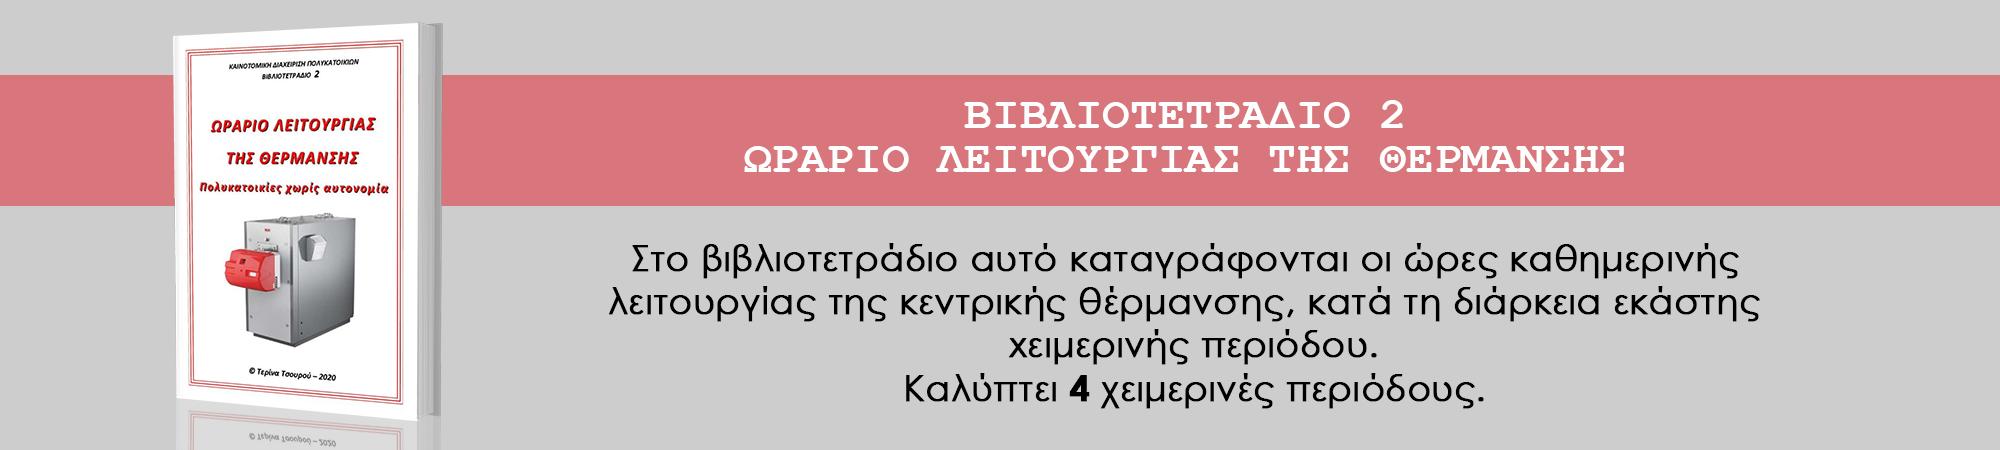 ΒΙΒΛΙΟΤΕΤΡΑΔΙΟ 2